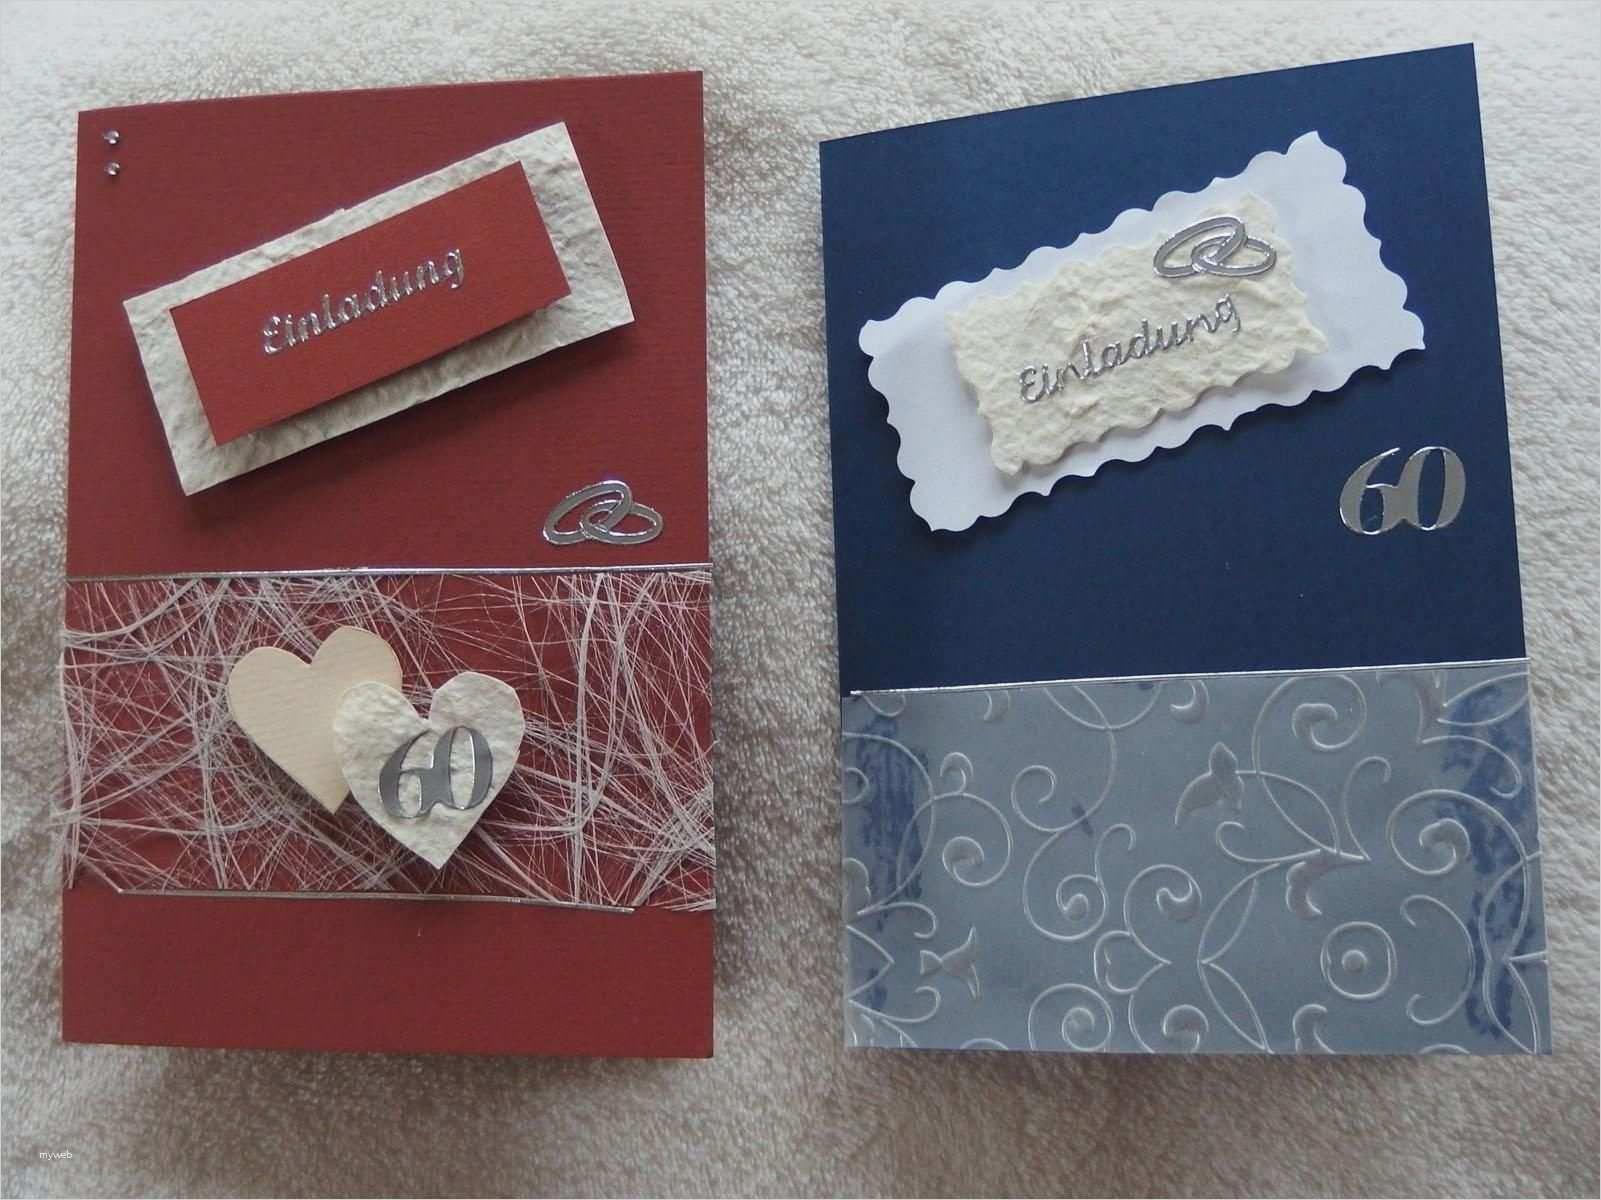 Einladungskarten Konfirmation Selber Machen Einladungskarten Lillifee Selber Drucken Einladungskarten Lustig Selbst Gestalten Einladungen Selbst Gestalten Lusti Einladungskarten Basteln Geburtstag Einladung Gestalten Einladungskarten Basteln